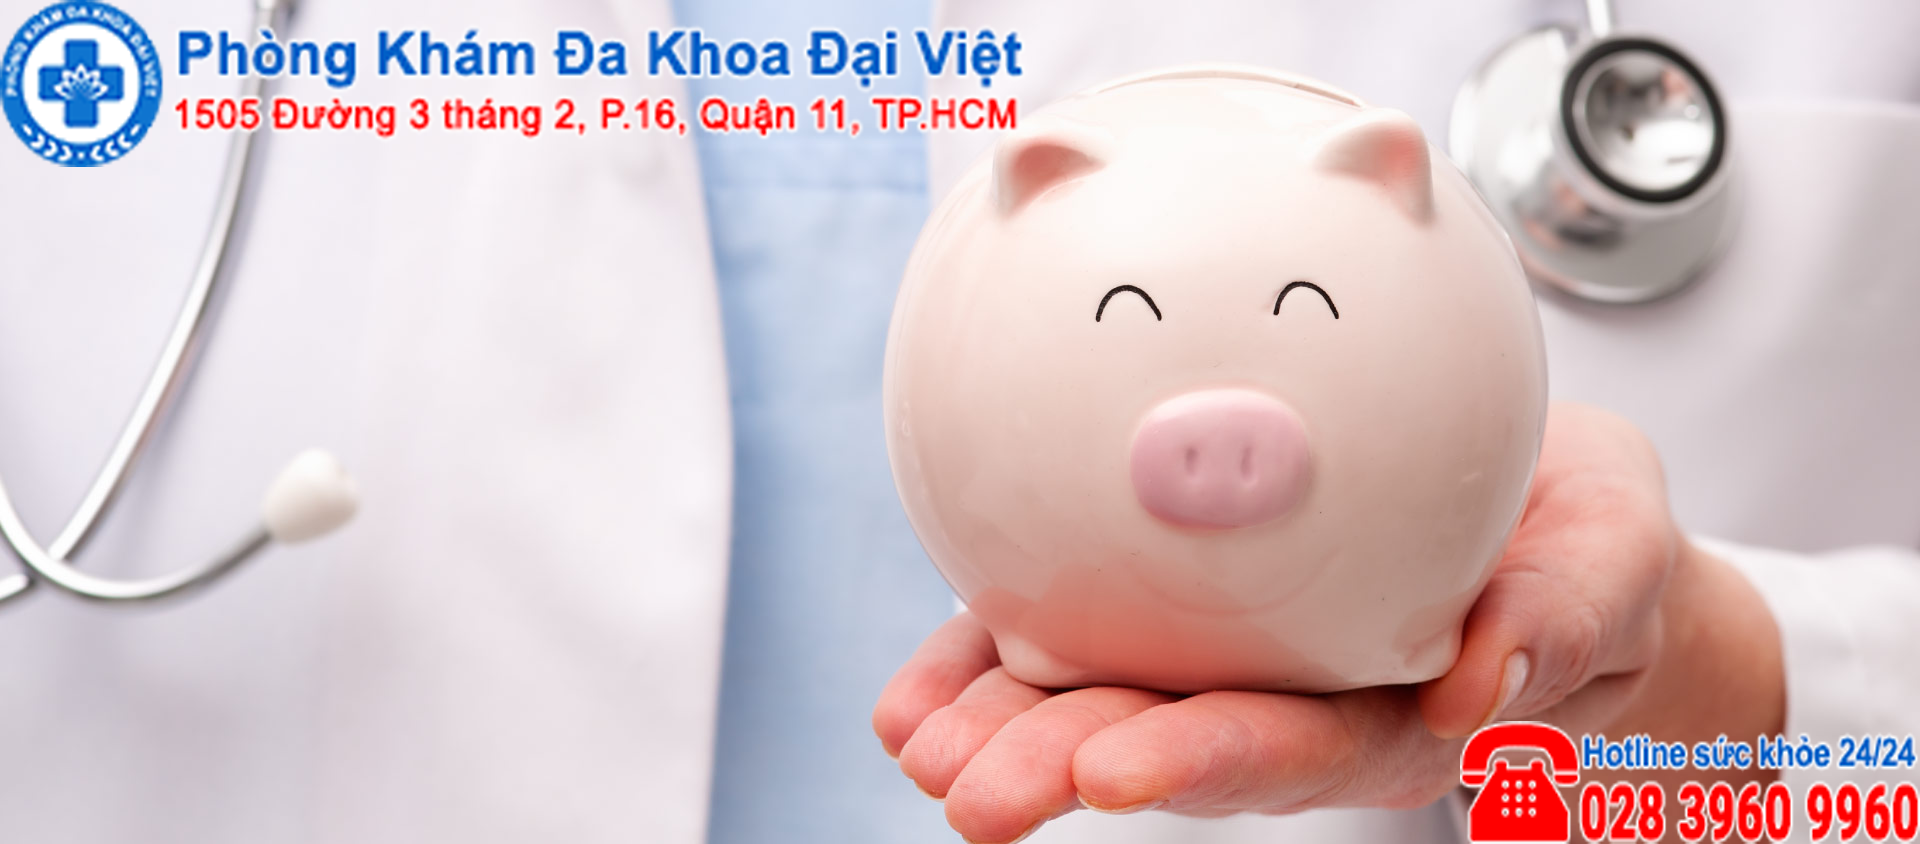 Chi phí khám và điều trị xuất tinh sớm tại Đại Việt